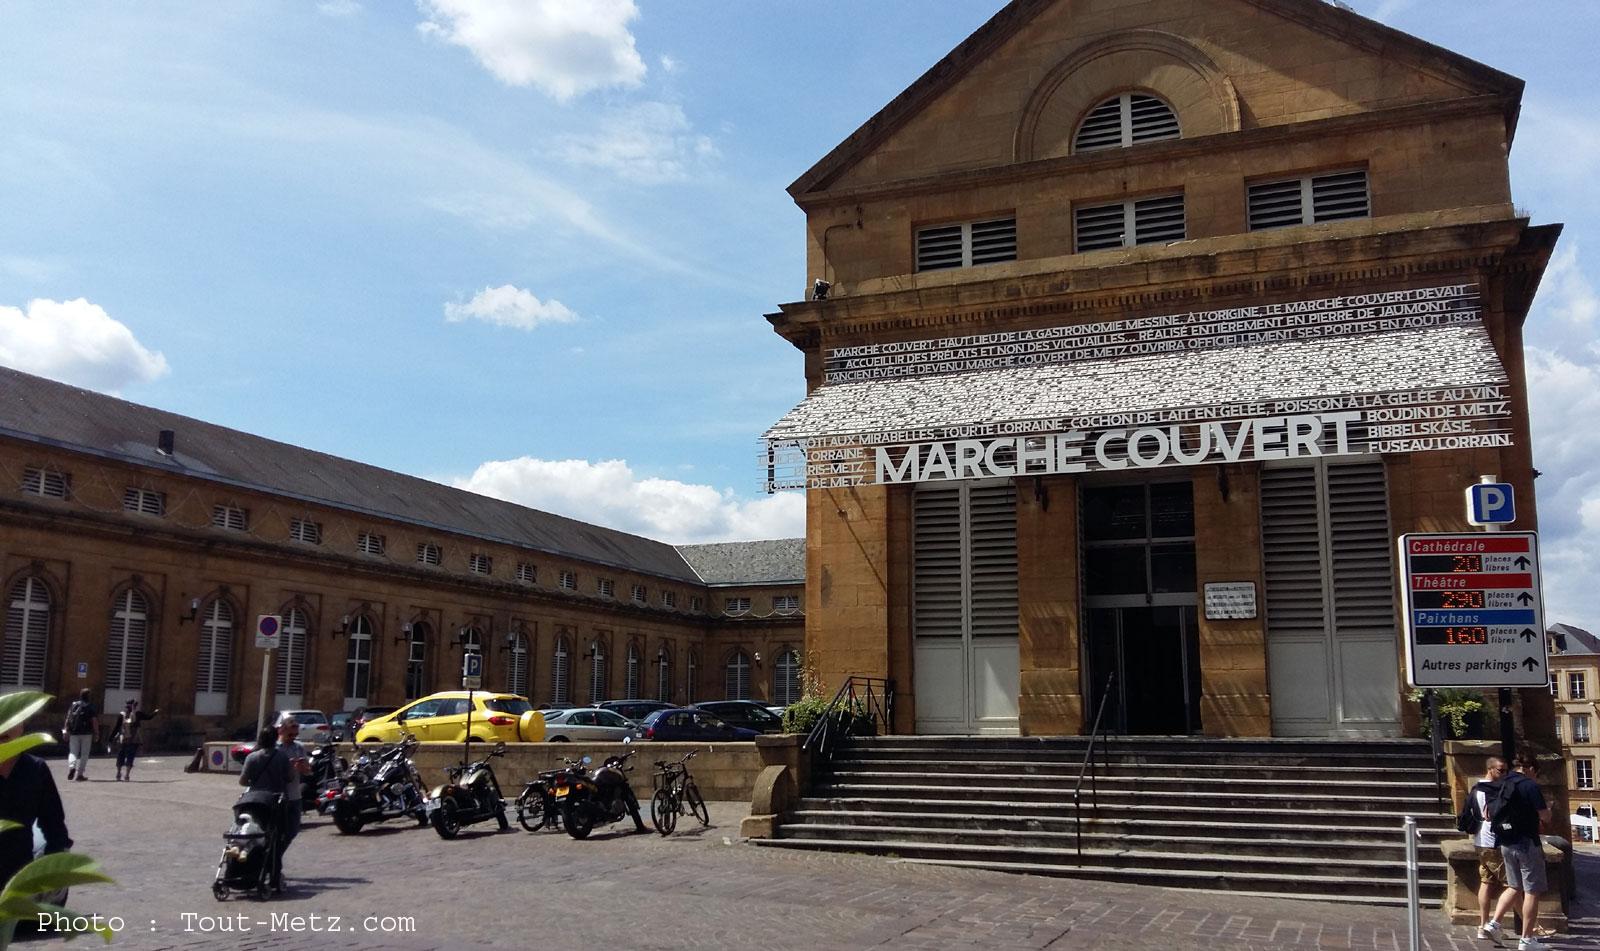 Les marchés reportés ou fermés à Metz le 11 novembre et pendant les fêtes de Noël